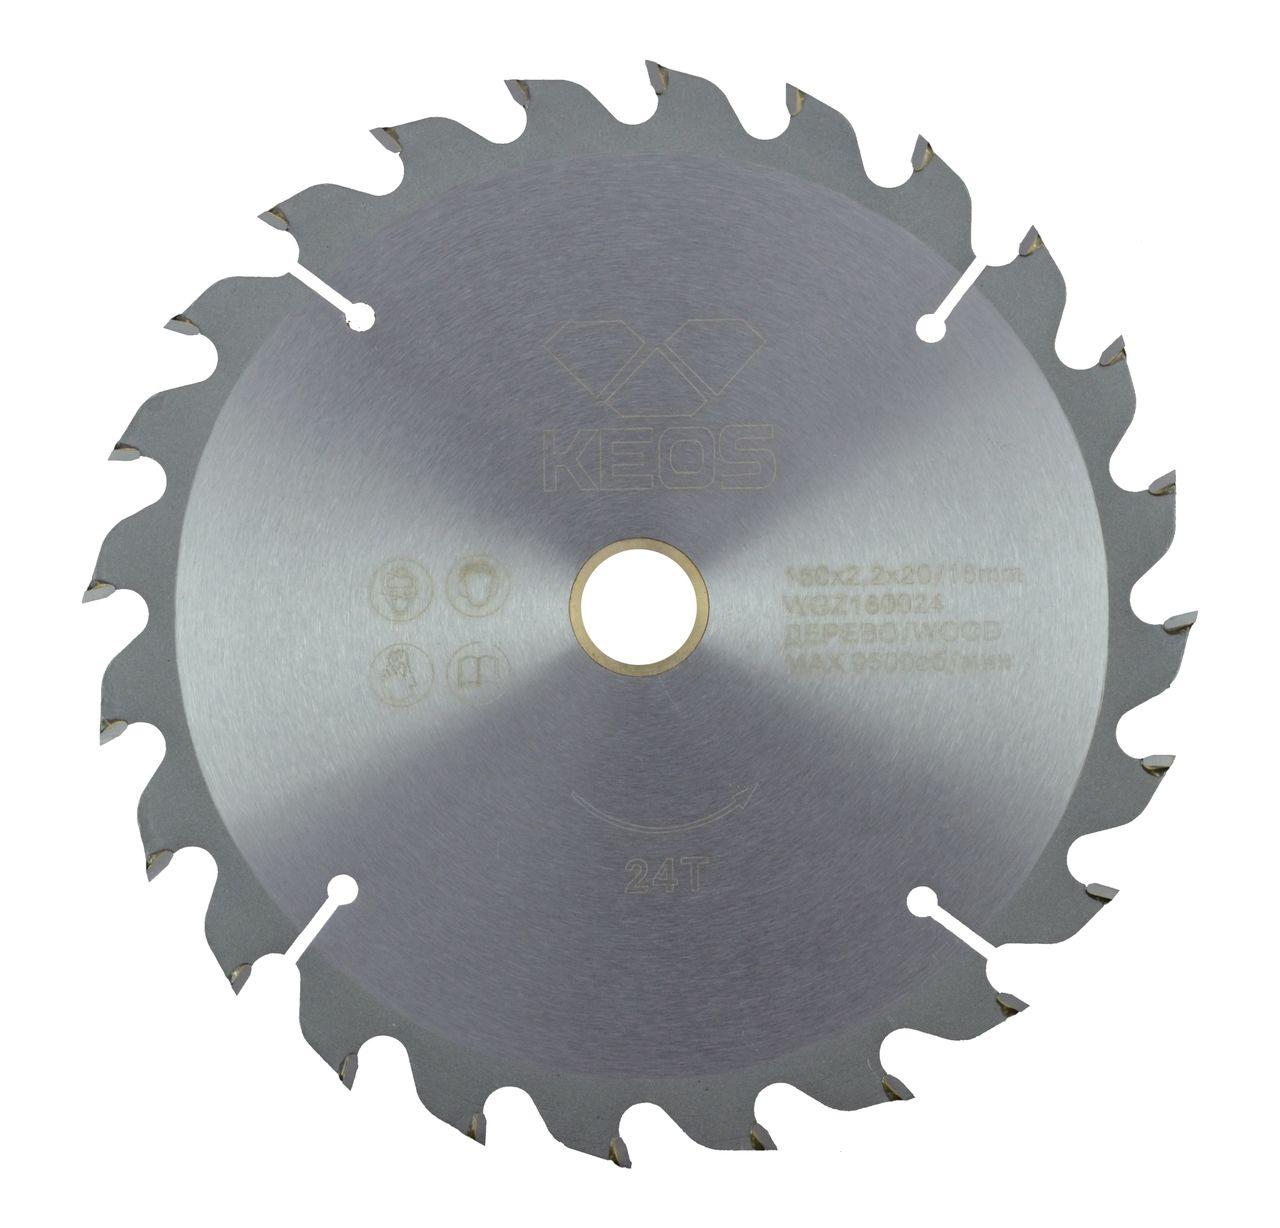 Диск пильный твердосплавный Keos Wb216.64 диск пильный твердосплавный hammer 335х32 30мм 64 зуб